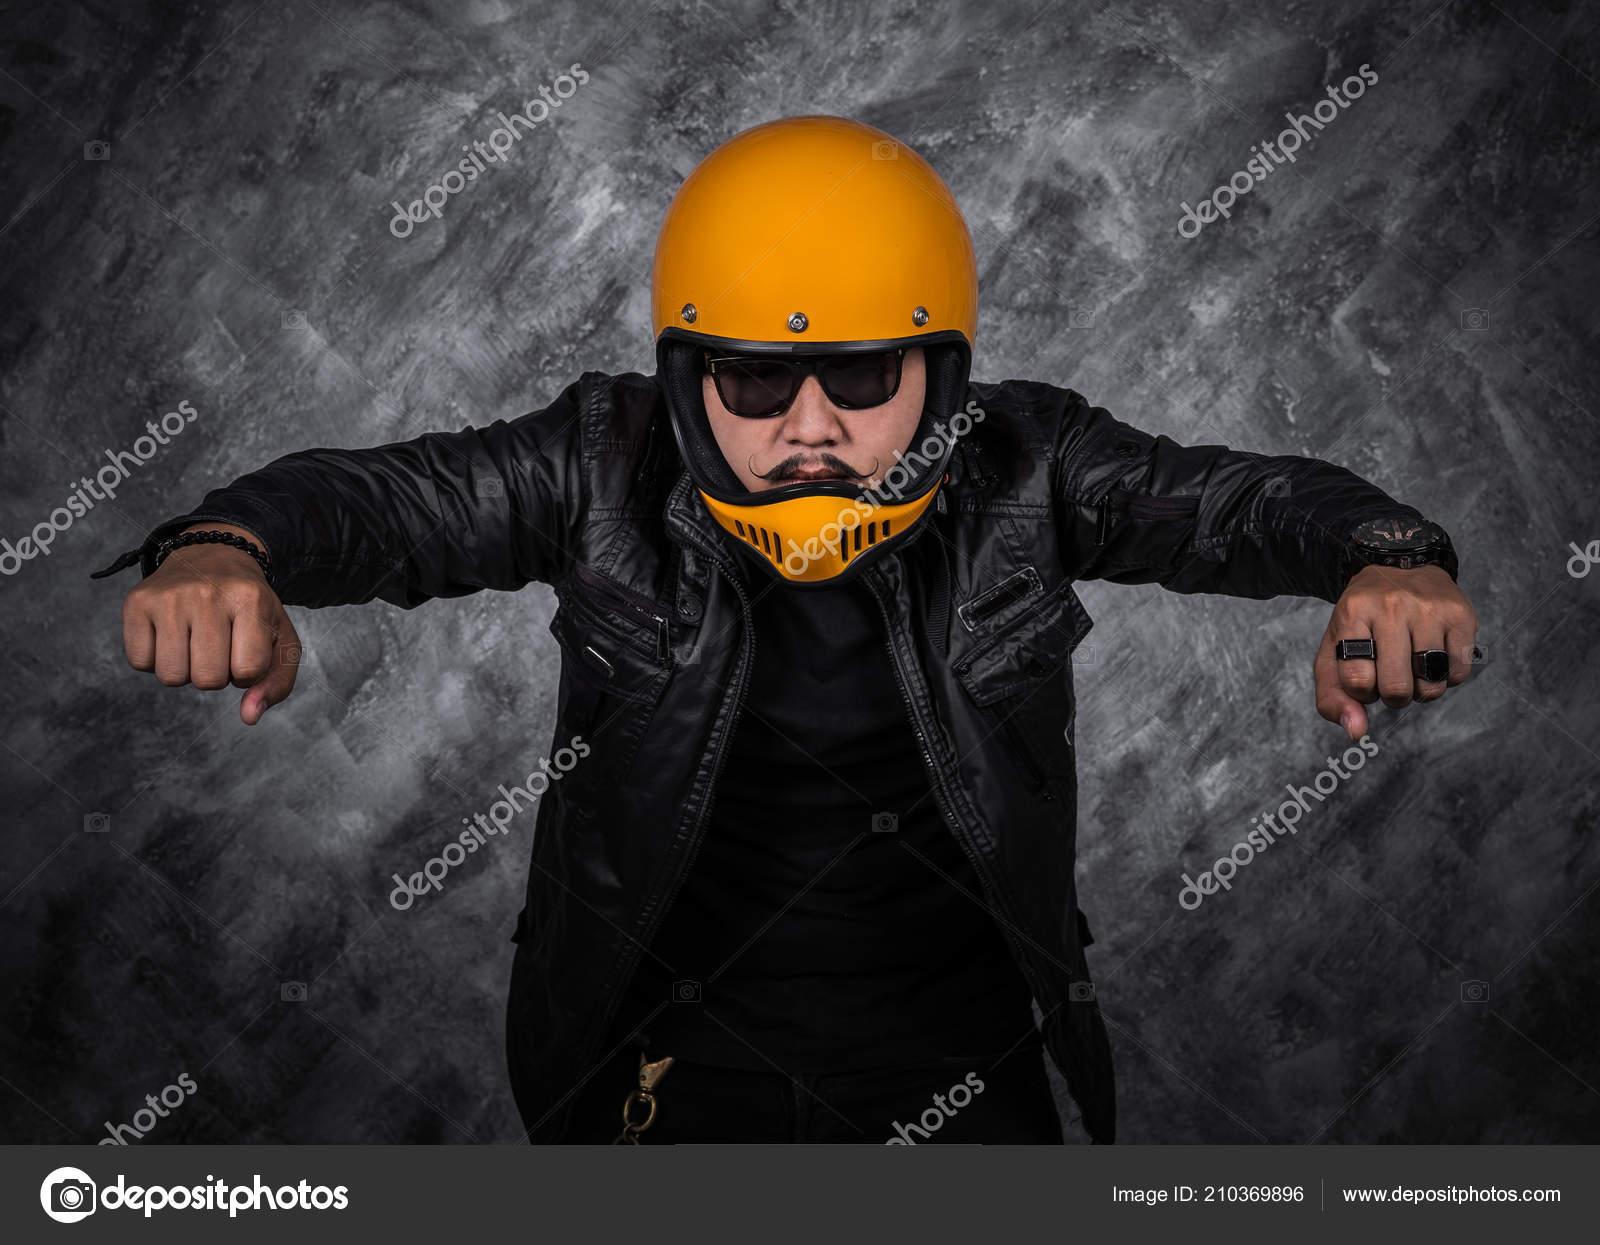 Negro Stock Casco — De Moto Biker Retrato Cuero Hombre Chaqueta Foto F1BqYn